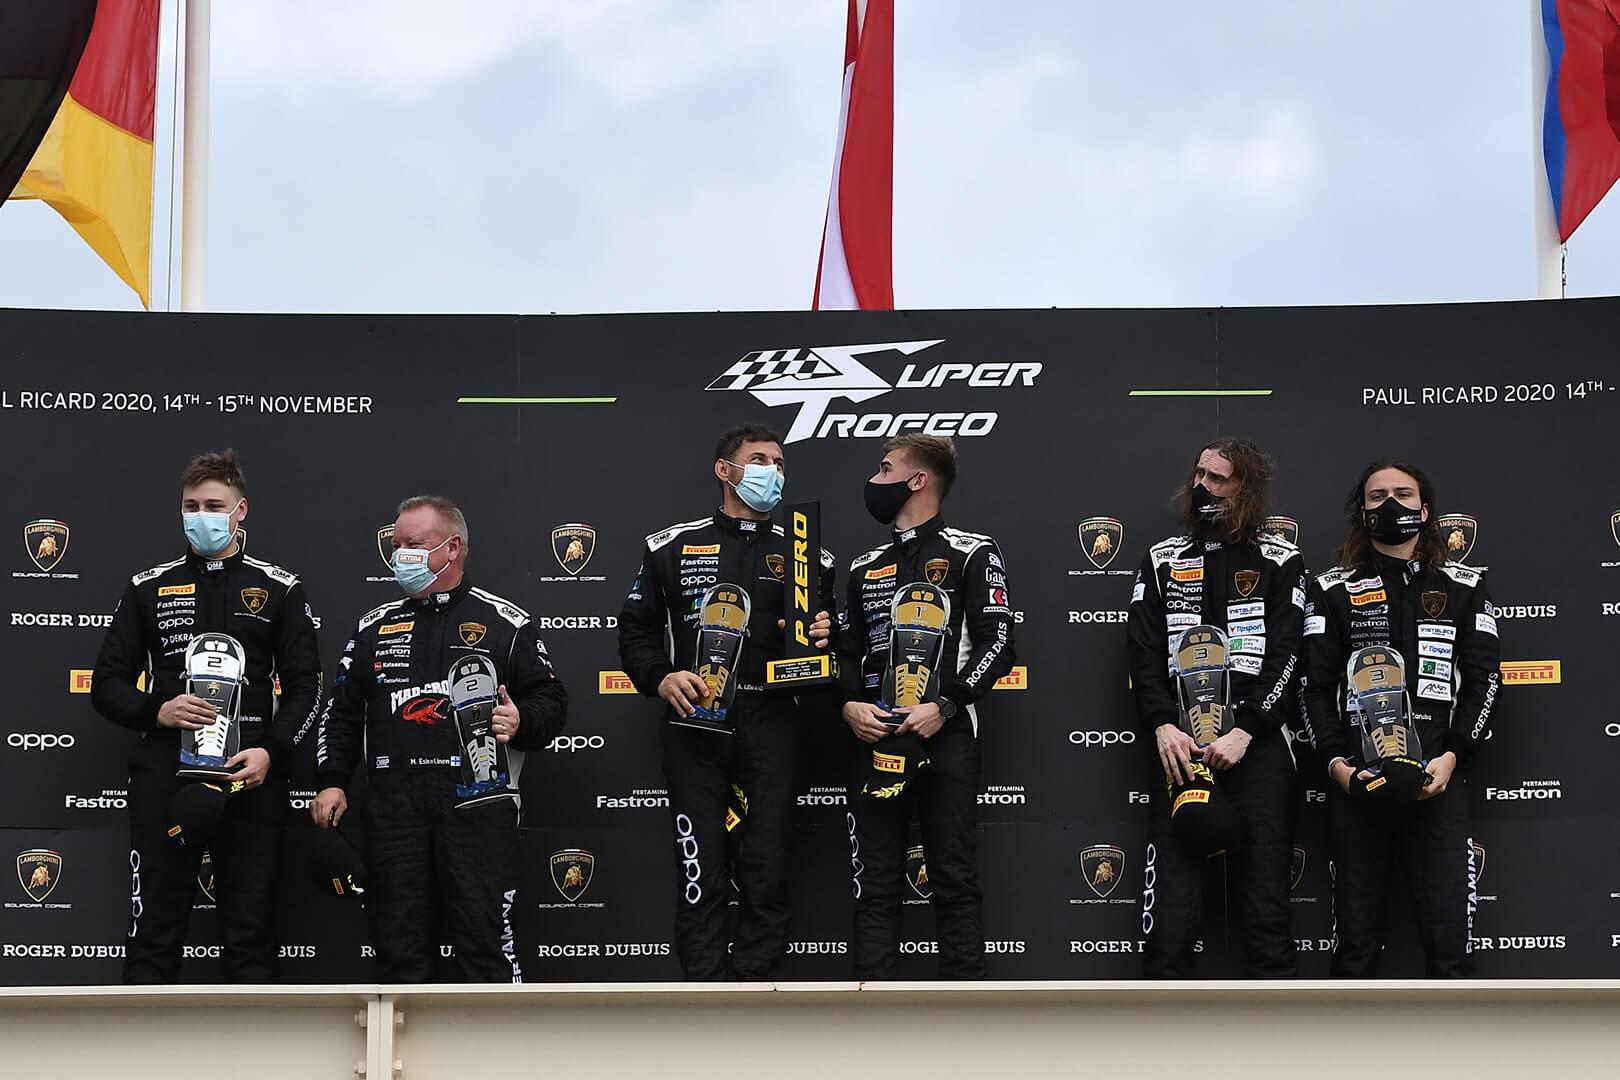 Trofeo Paul Ricard 2020